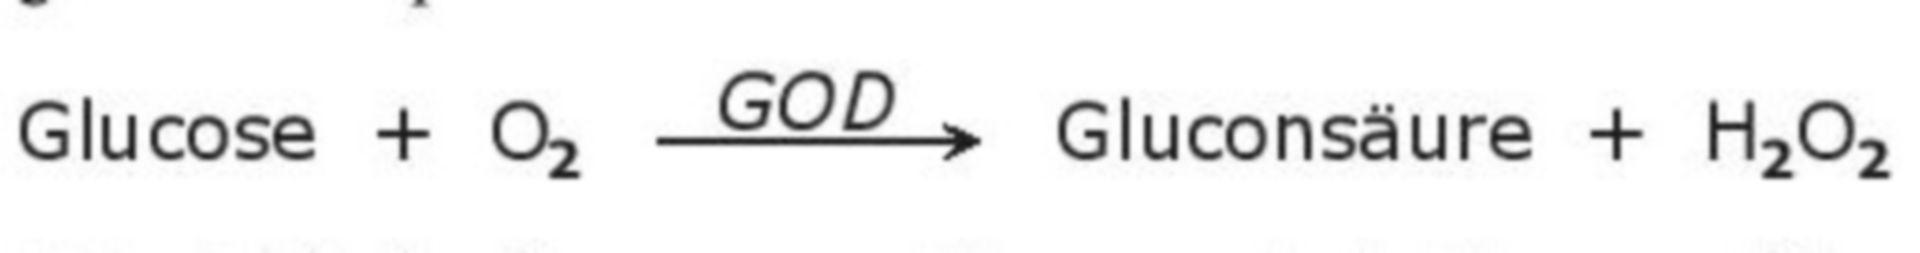 Die von der Glucoseoxidase (GOD) katalysierte Reaktion